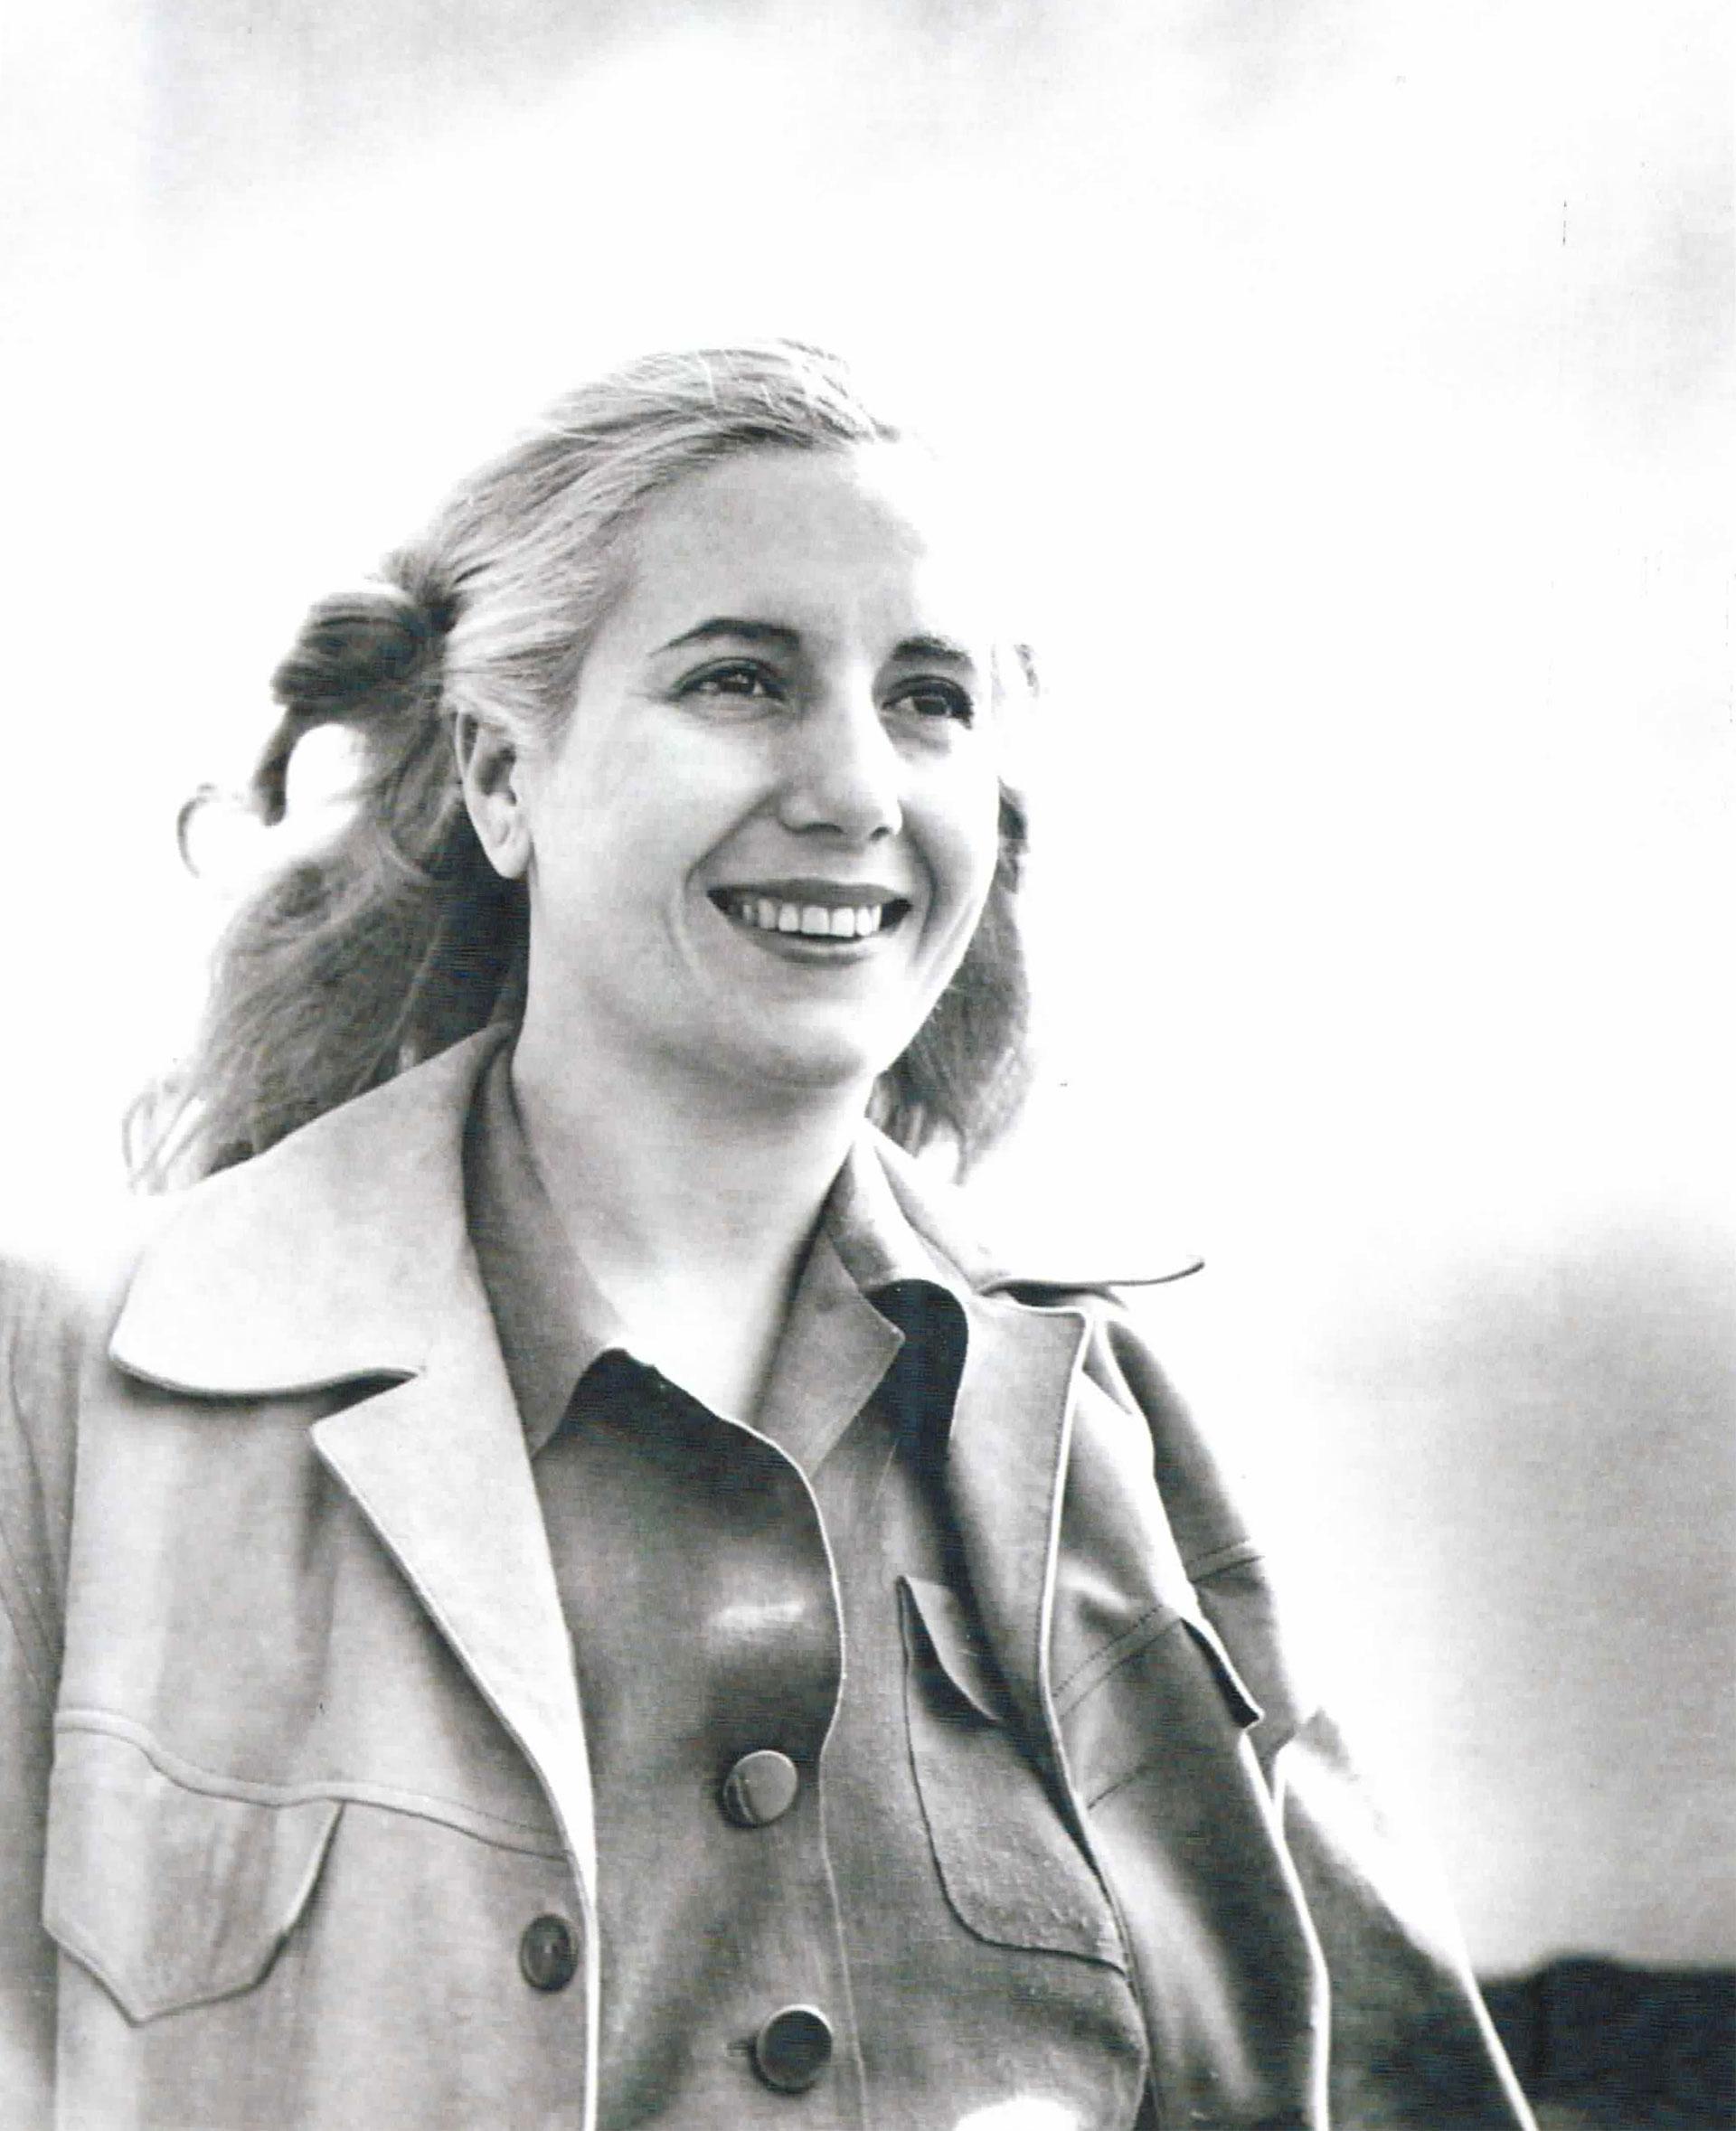 Muchas de las fotografías de Pinélides Fusco ya son parte de la iconografía peronista, como ésta de Eva con el cabello suelto, la favorita de los setentistas